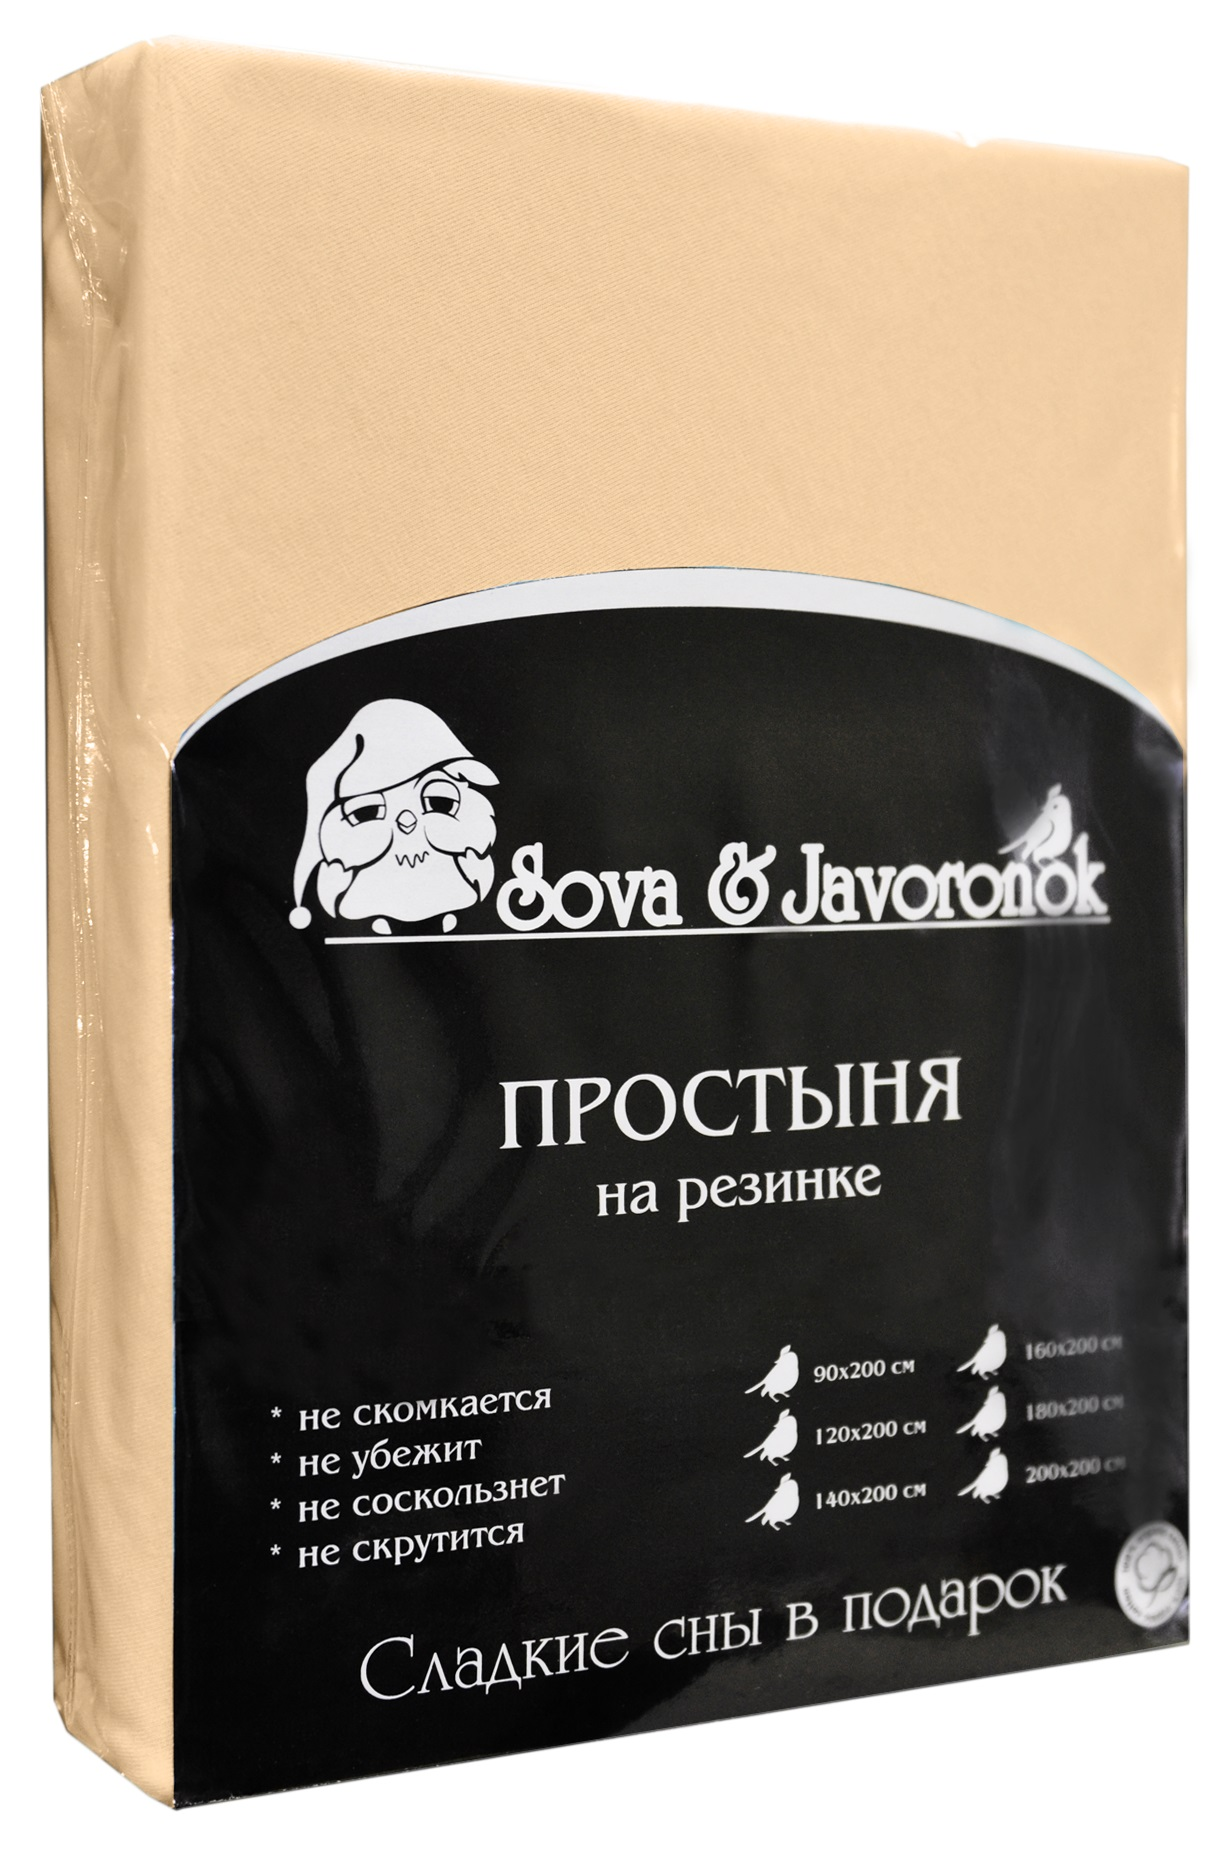 Простыня на резинке Sova & Javoronok, цвет: светло-бежевый, 120 х 200 см531-105Простыня на резинке Sova & Javoronok, изготовленная из трикотажной ткани (100% хлопок), будет превосходно смотреться с любыми комплектами белья. Хлопчатобумажный трикотаж по праву считается одним из самых качественных, прочных и при этом приятных на ощупь. Его гигиеничность позволяет использовать простыню и в детских комнатах, к тому же 100%-ый хлопок в составе ткани не вызовет аллергии. У трикотажного полотна очень интересная структура, немного рыхлая за счет отсутствия плотного переплетения нитей и наличия особых петель, благодаря этому простыня Сова и Жаворонок отлично пропускает воздух и способствует его постоянной циркуляции. Поэтому ваша постель будет всегда оставаться свежей. Но главное и, пожалуй, самое известное свойство трикотажа - это его великолепная растяжимость, поэтому эта ткань и была выбрана для натяжной простыни на резинке.Простыня прошита резинкой по всему периметру, что обеспечивает более комфортный отдых, так как она прочно удерживается на матрасе и избавляет от необходимости часто поправлять простыню.